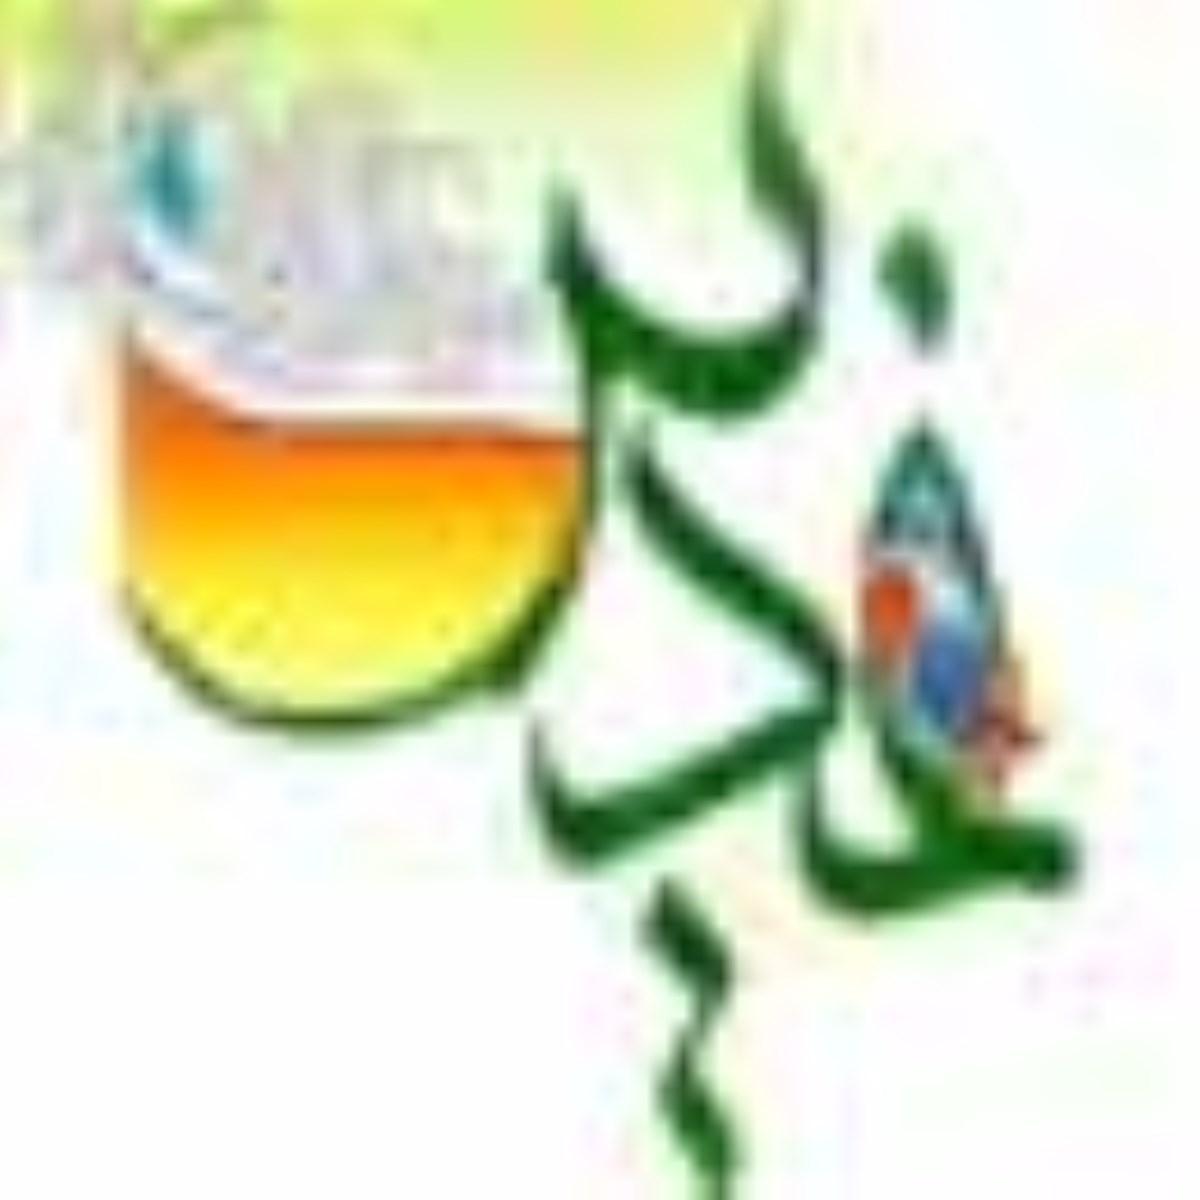 غدير و فلسفه سياسى اسلام